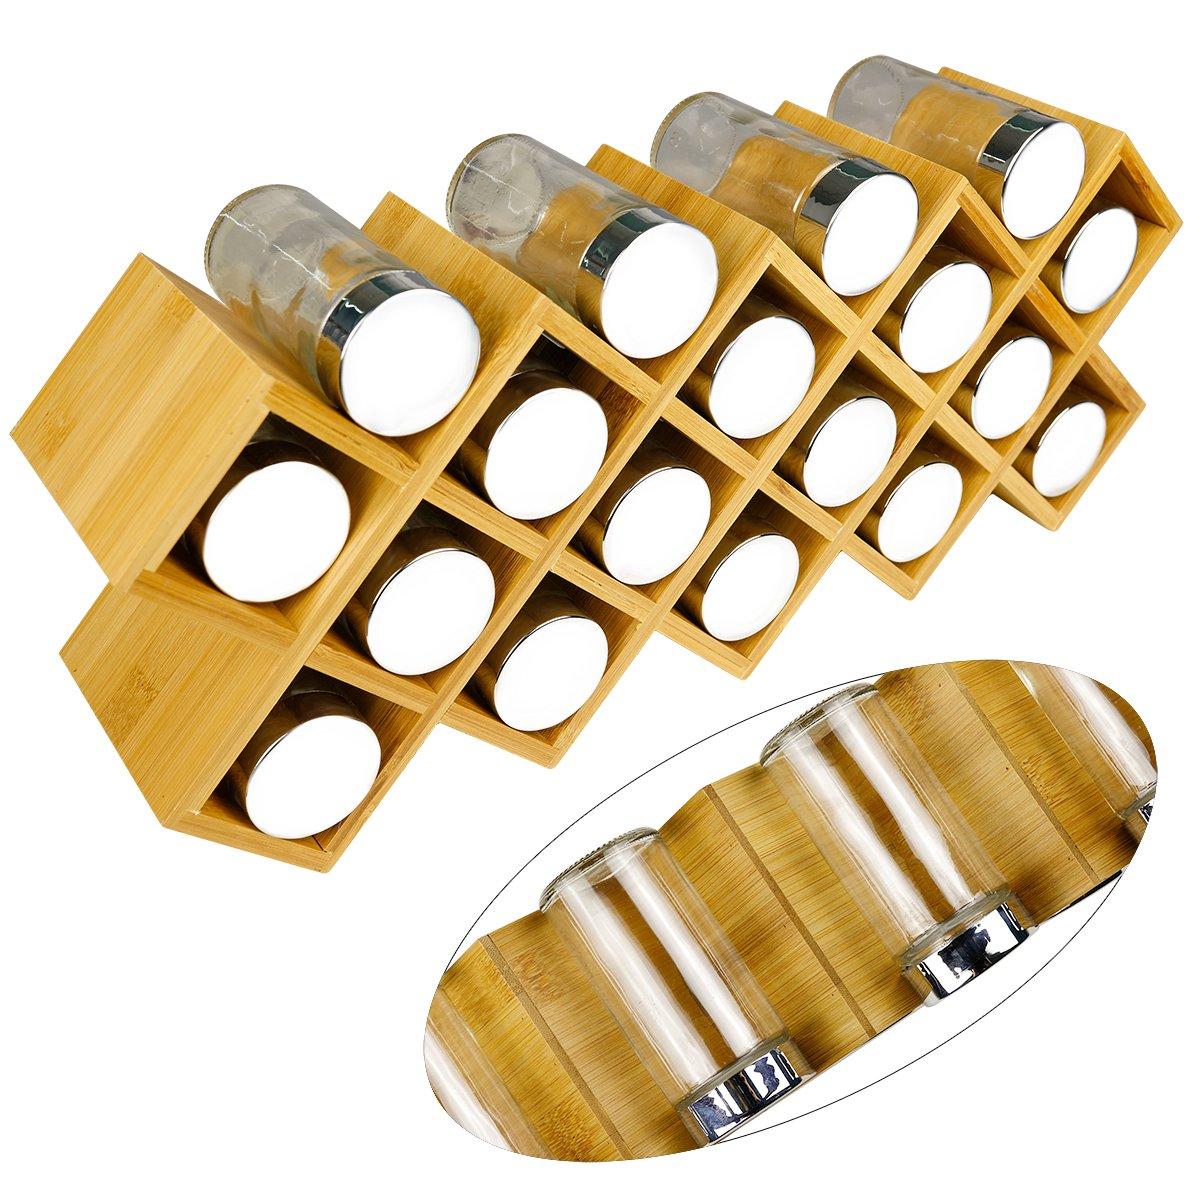 Free standing Spice organizer grande misura 43/cm x 9.5/cm x 18/cm Affilacoltelli Bamboo portaspezie con 18/barattoli di spezie ed etichette finiture cromate. Barattoli di vetro con coperchi